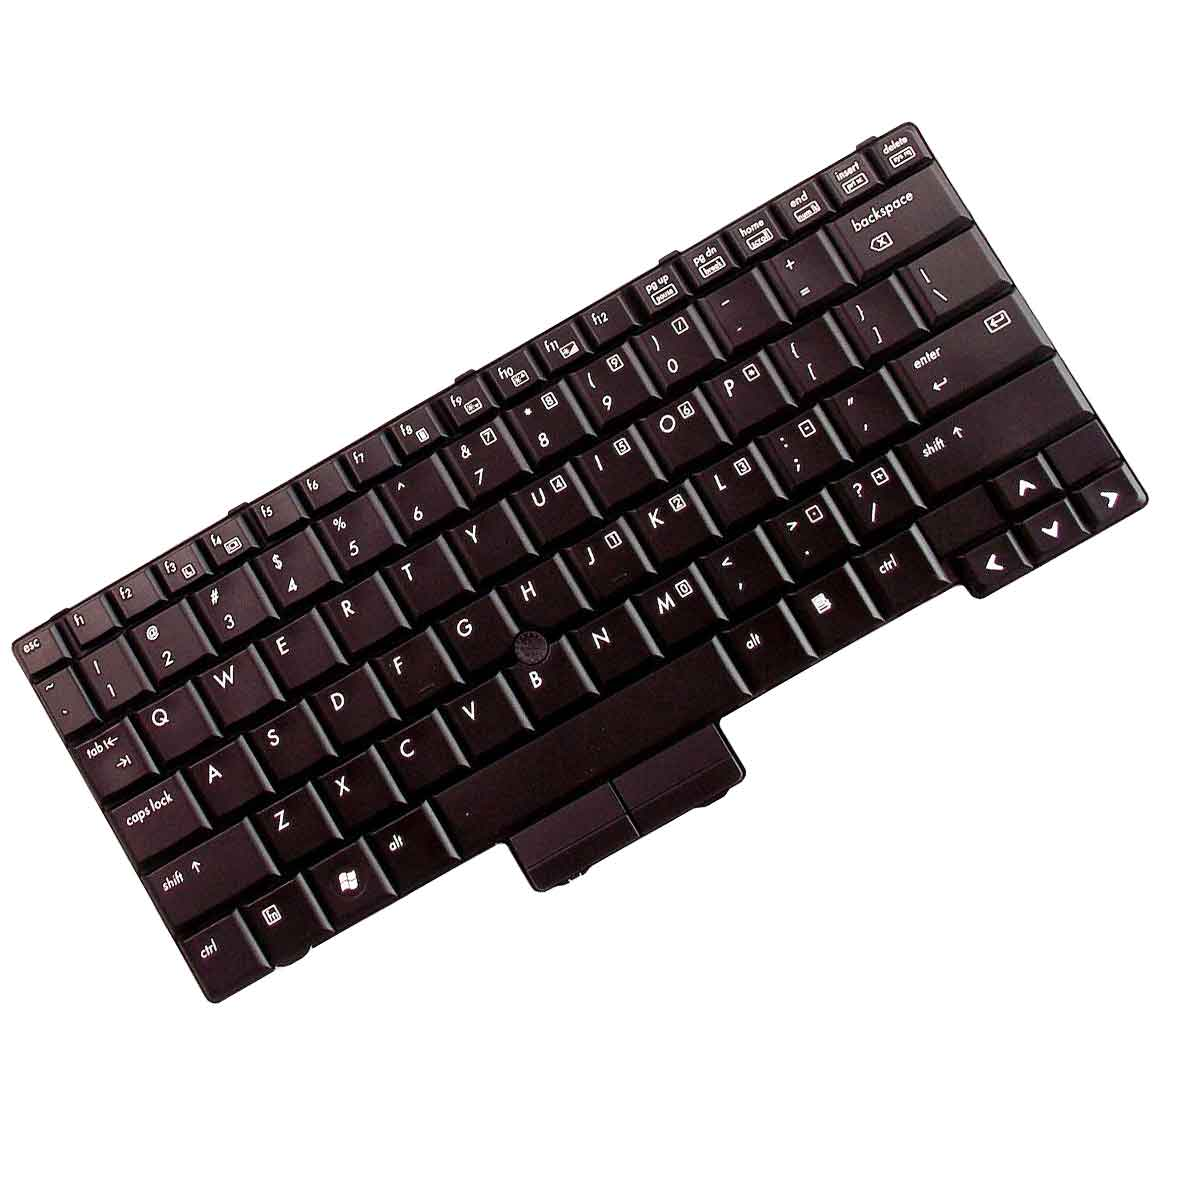 کیبورد لپ تاپ اچ پی Keyboard Laptop HP 2510